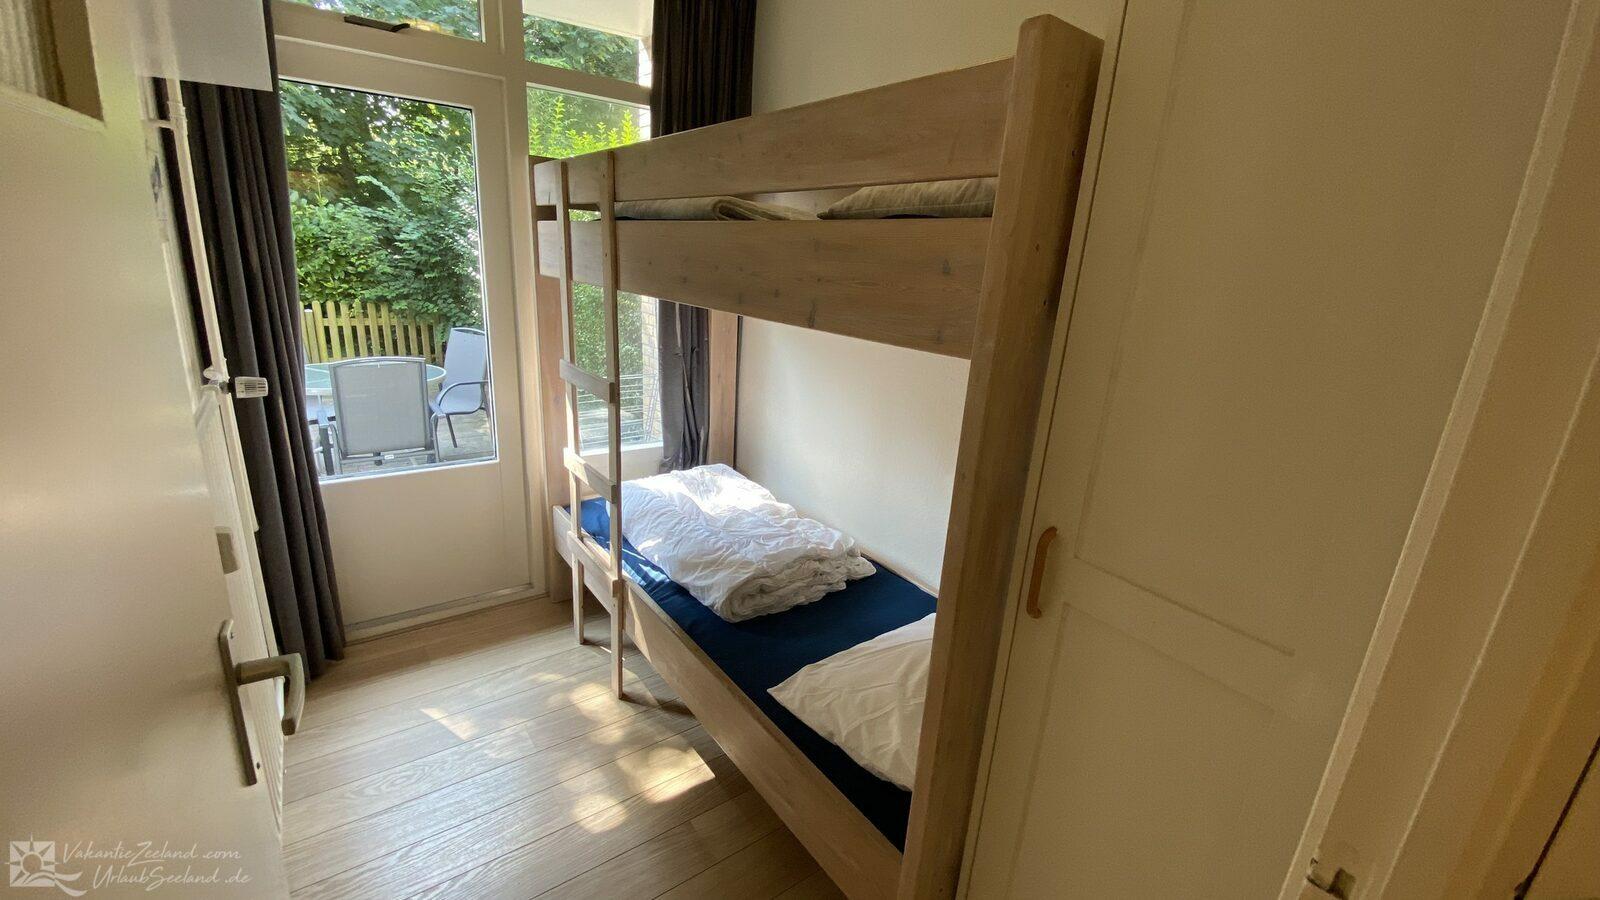 VZ069 Vakantieappartement Oostkapelle